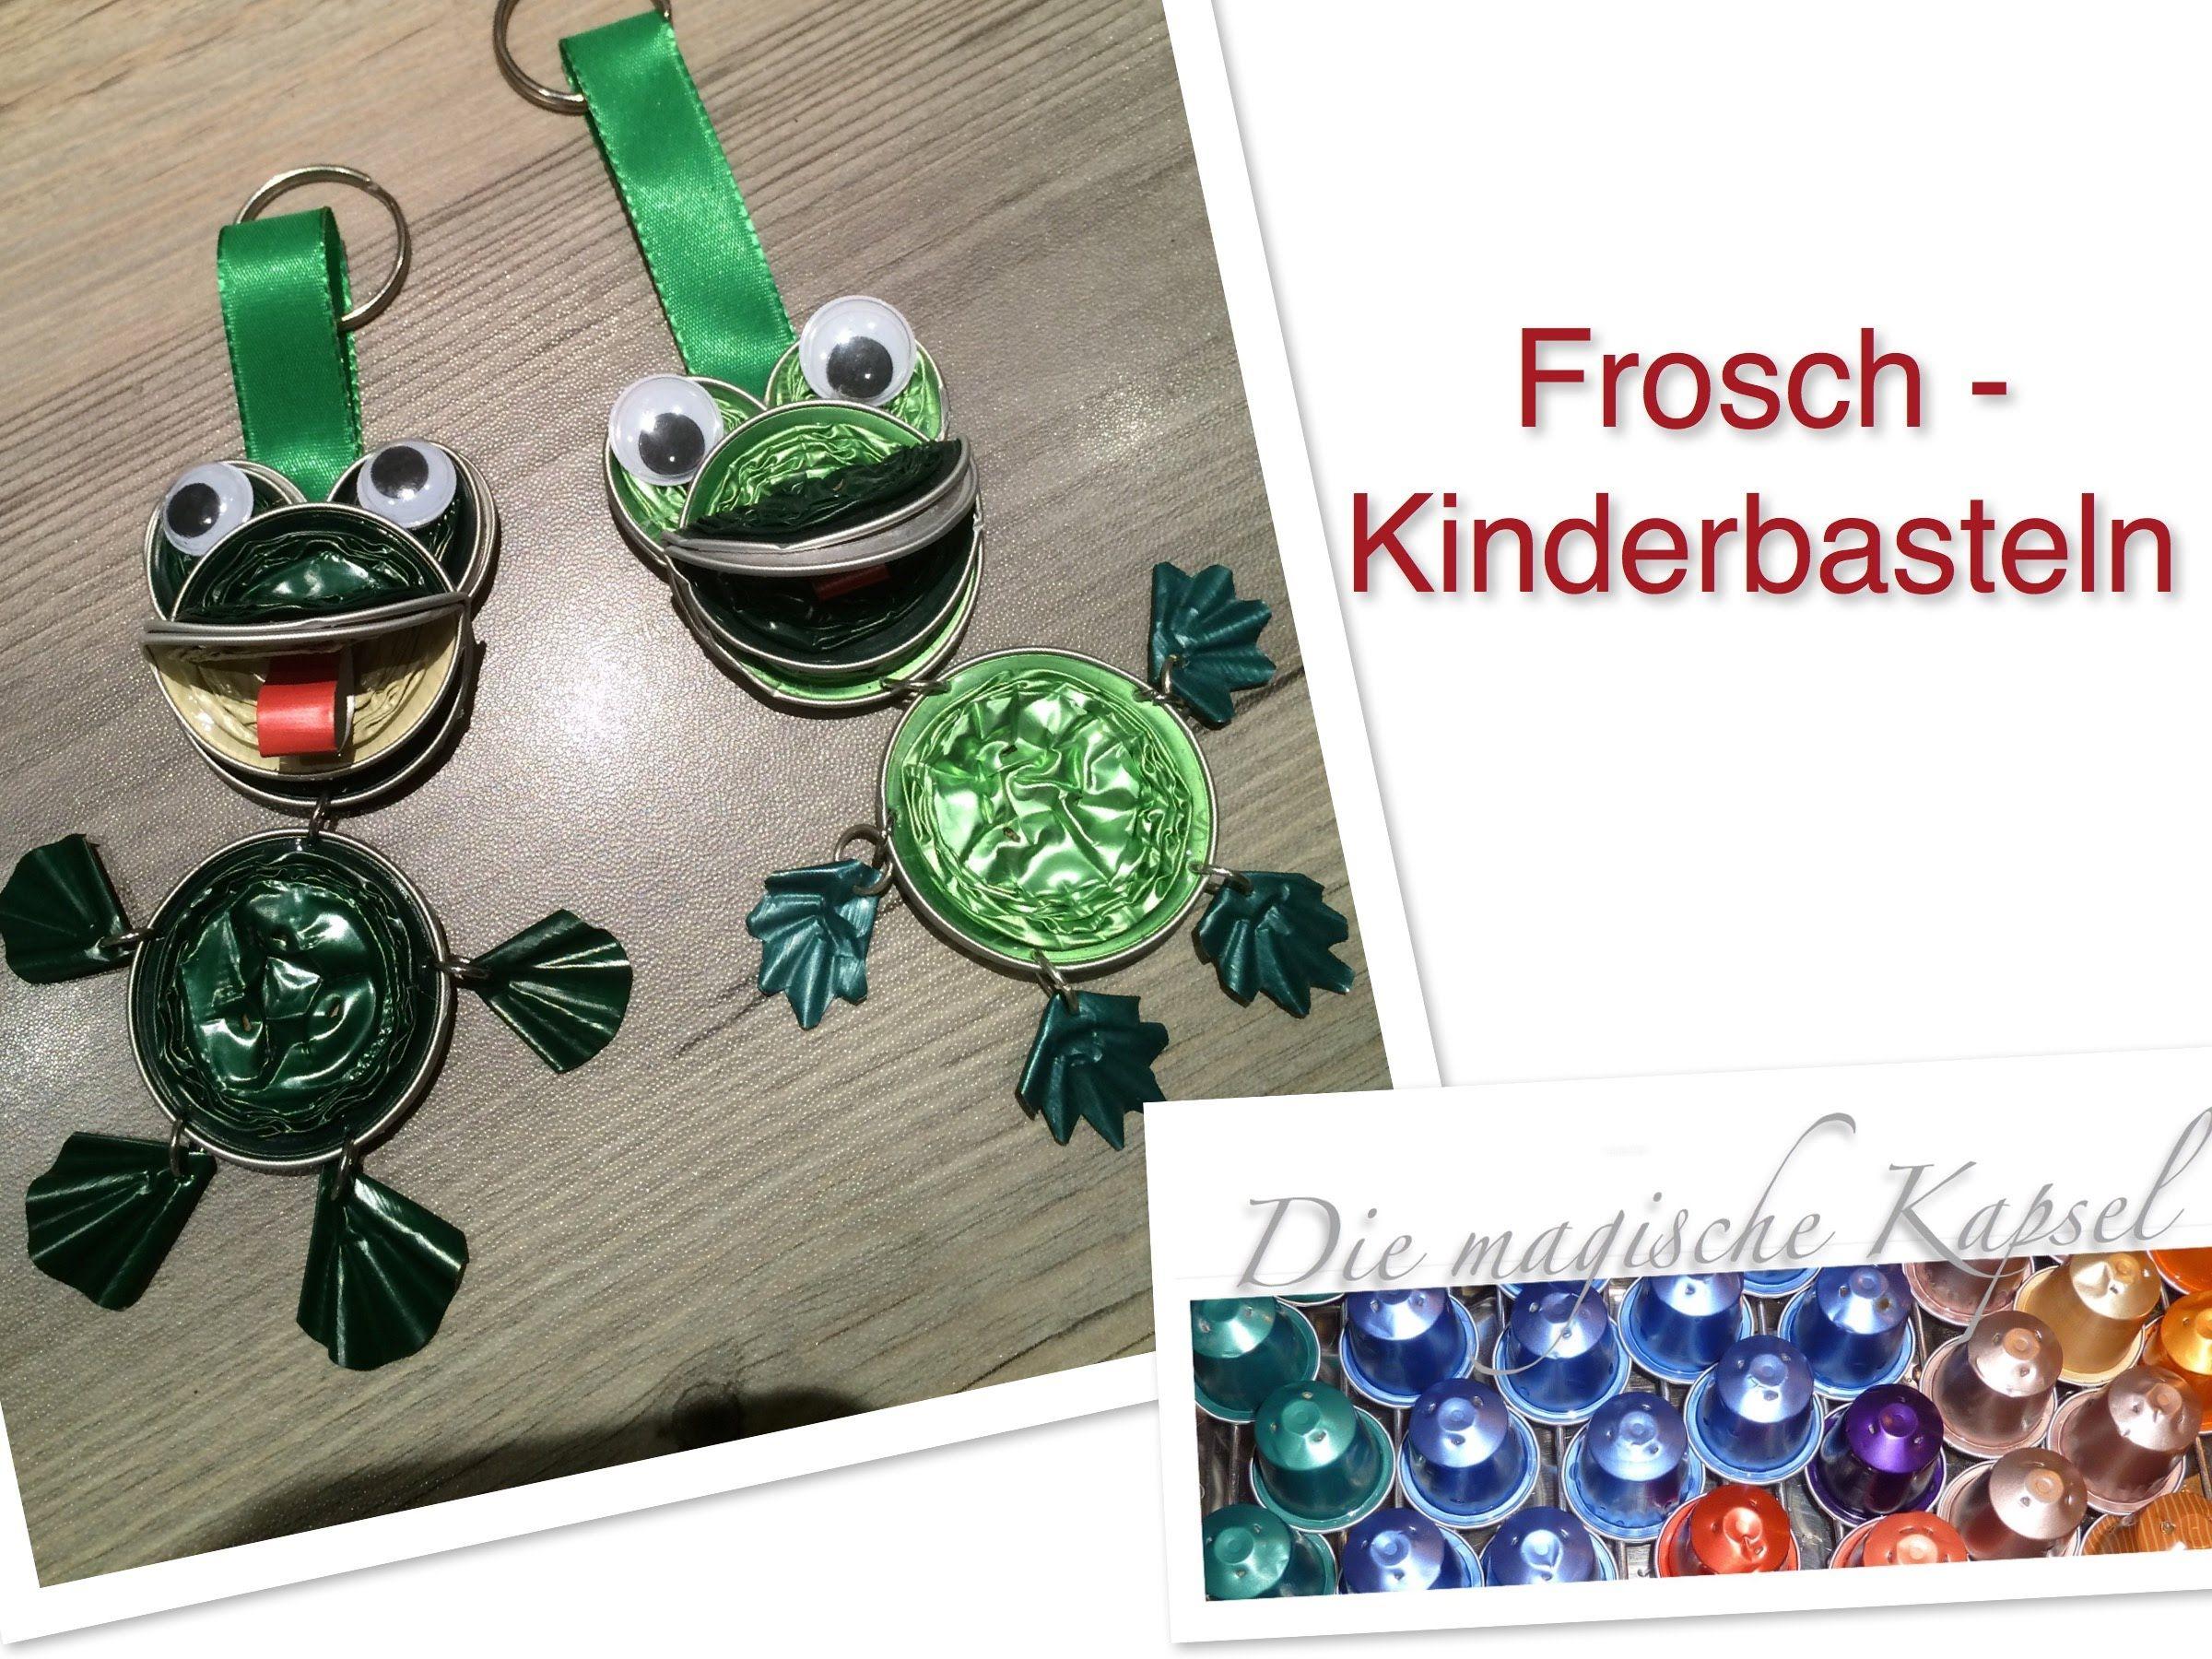 Schmuck basteln mit kindern anleitung  Nespresso Kinder Schmuck Anleitung - DIY - Frosch - die magische ...